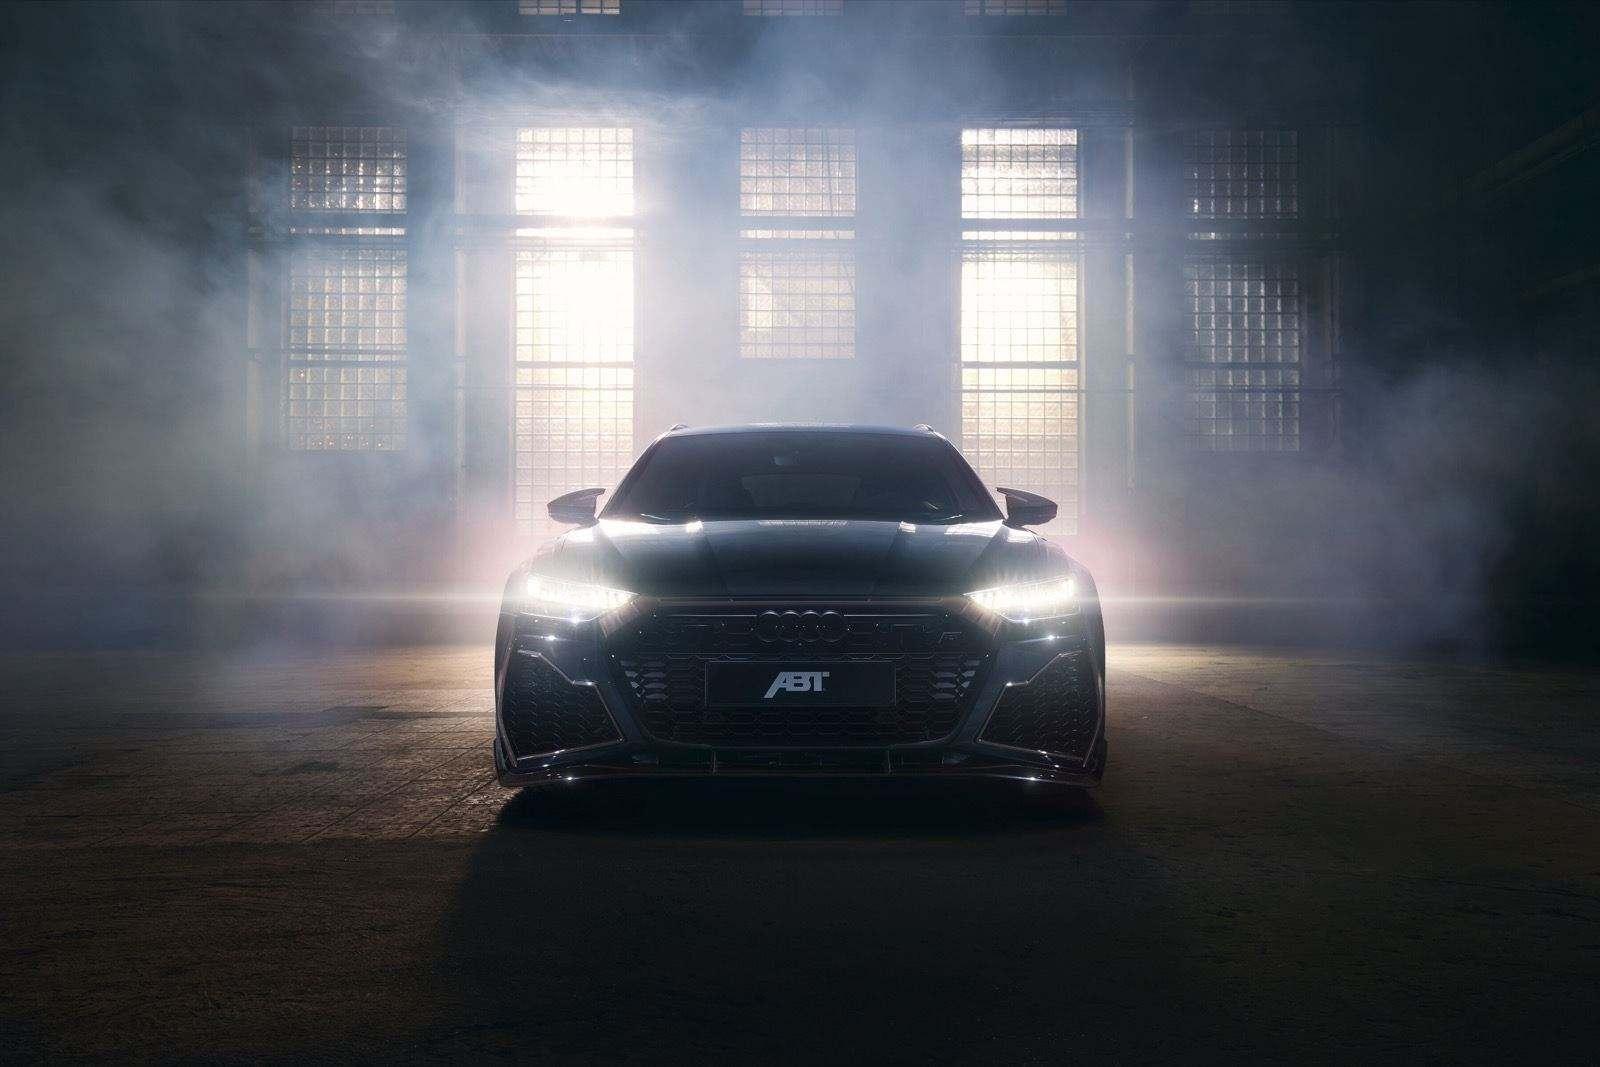 Audi_RS6_Johann_Abt_Signature_Edition-0003